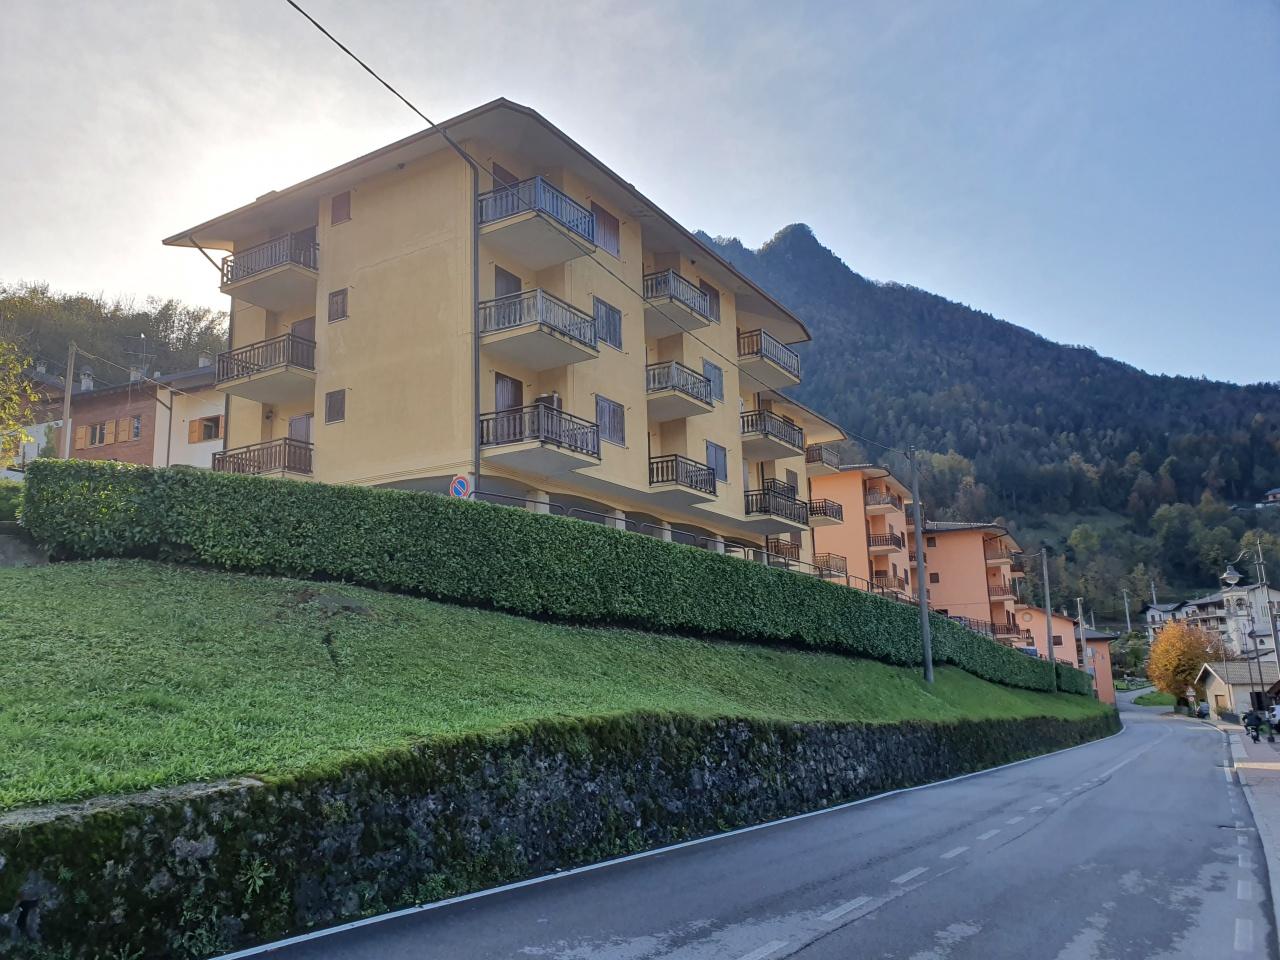 Soluzione Indipendente in vendita a Santa Brigida, 1 locali, prezzo € 26.000 | CambioCasa.it